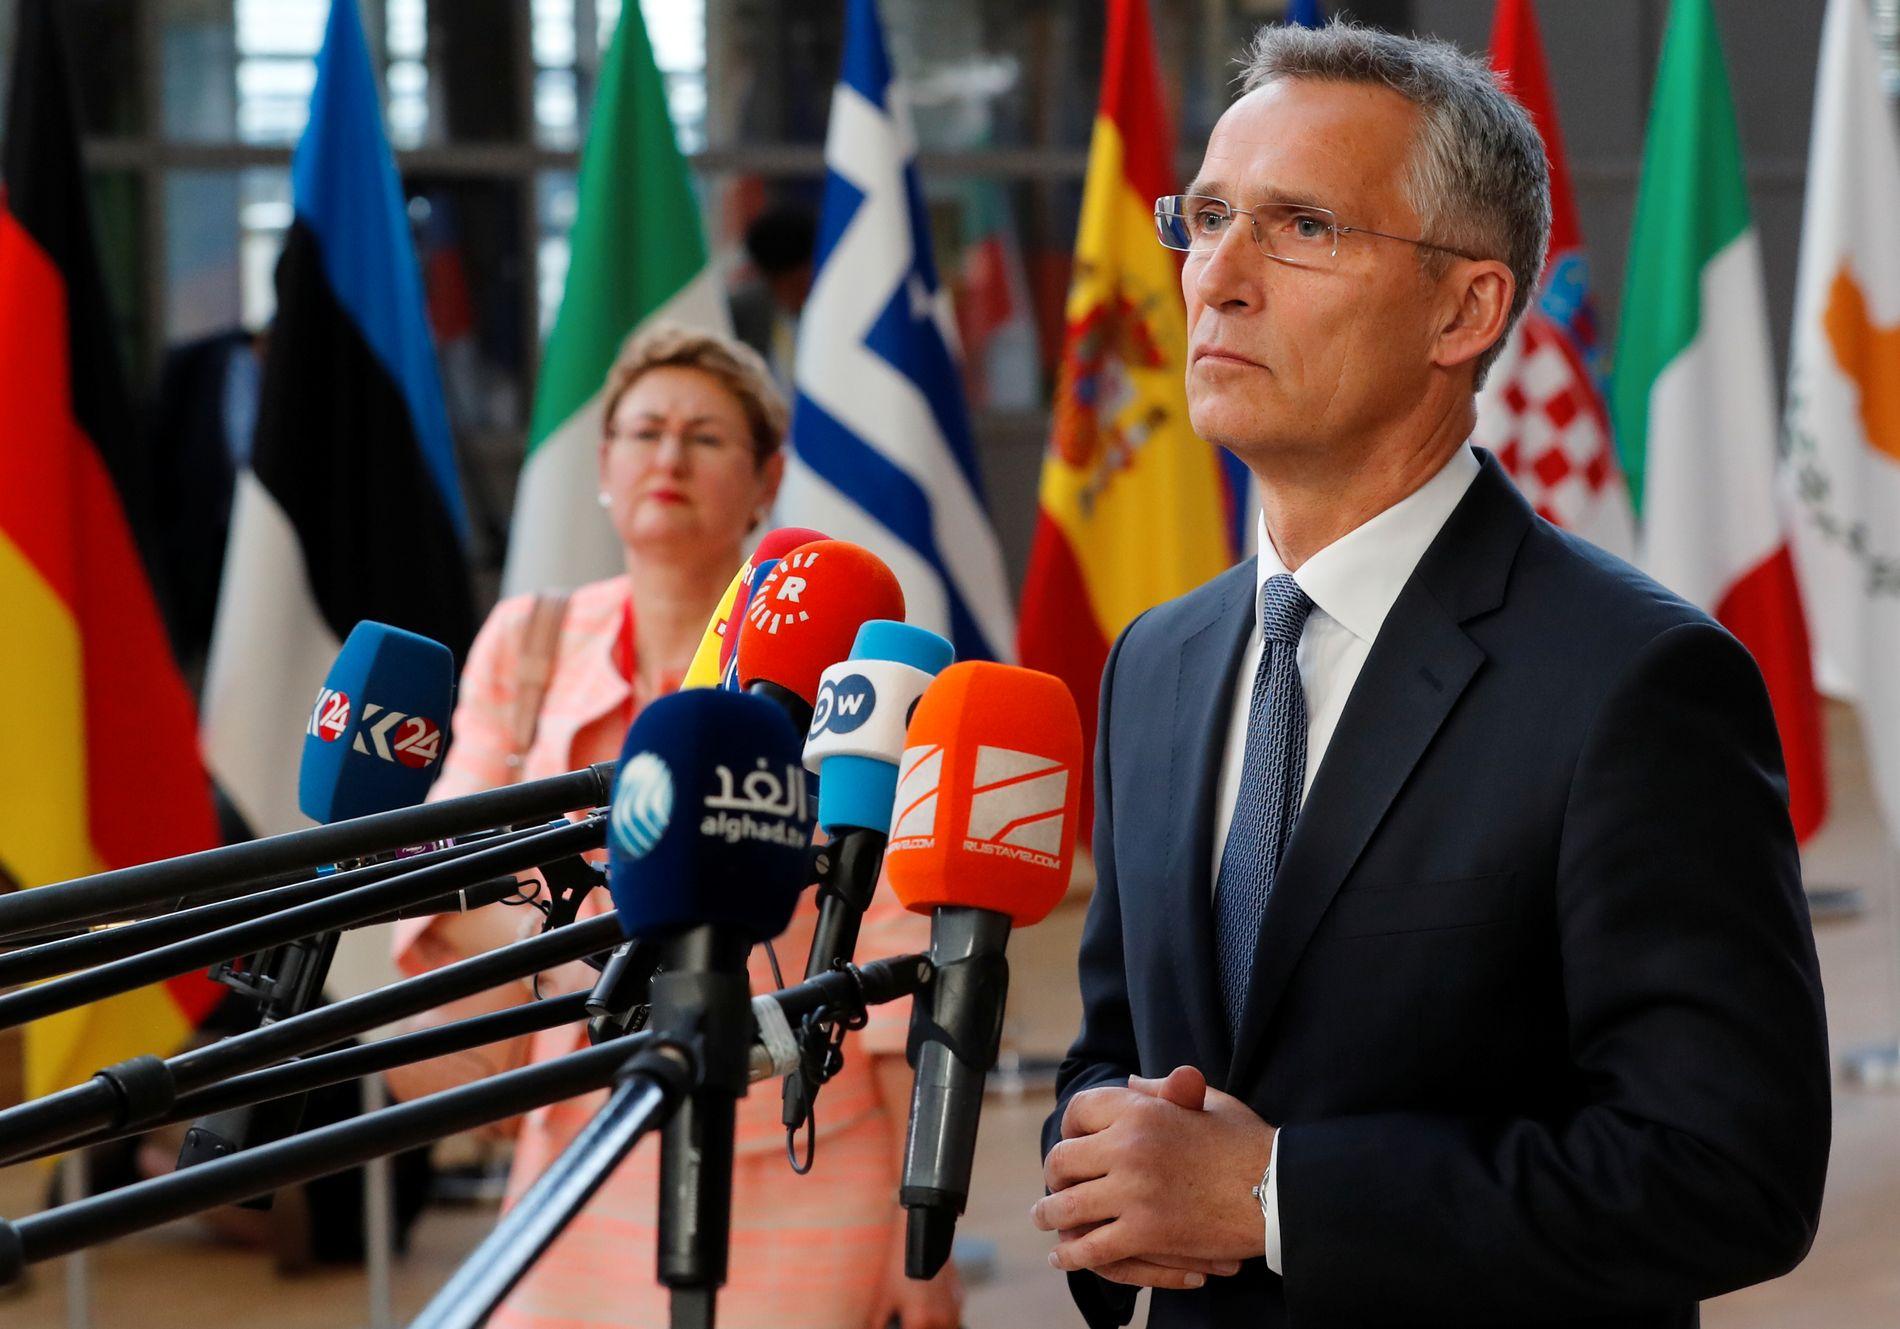 POSITIV: Jens Stoltenberg kommenterte det annonserte toppmøtet mellom Trump og Putin, da han kom til EUs toppmøte torsdag ettermiddag.